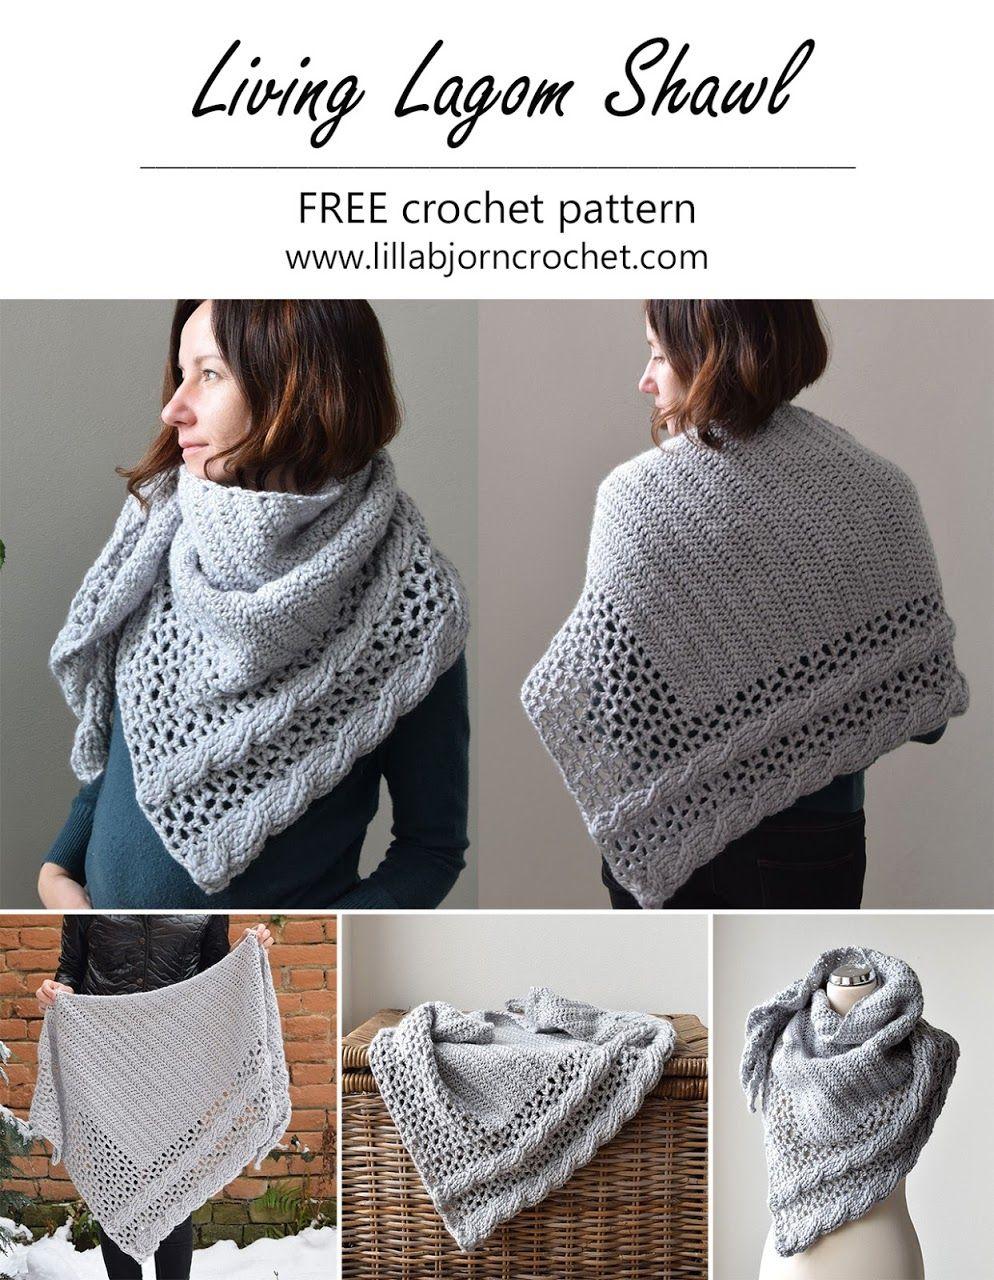 Living Lagom Shawl: FREE crochet pattern (US terms) #crochetshawlfree